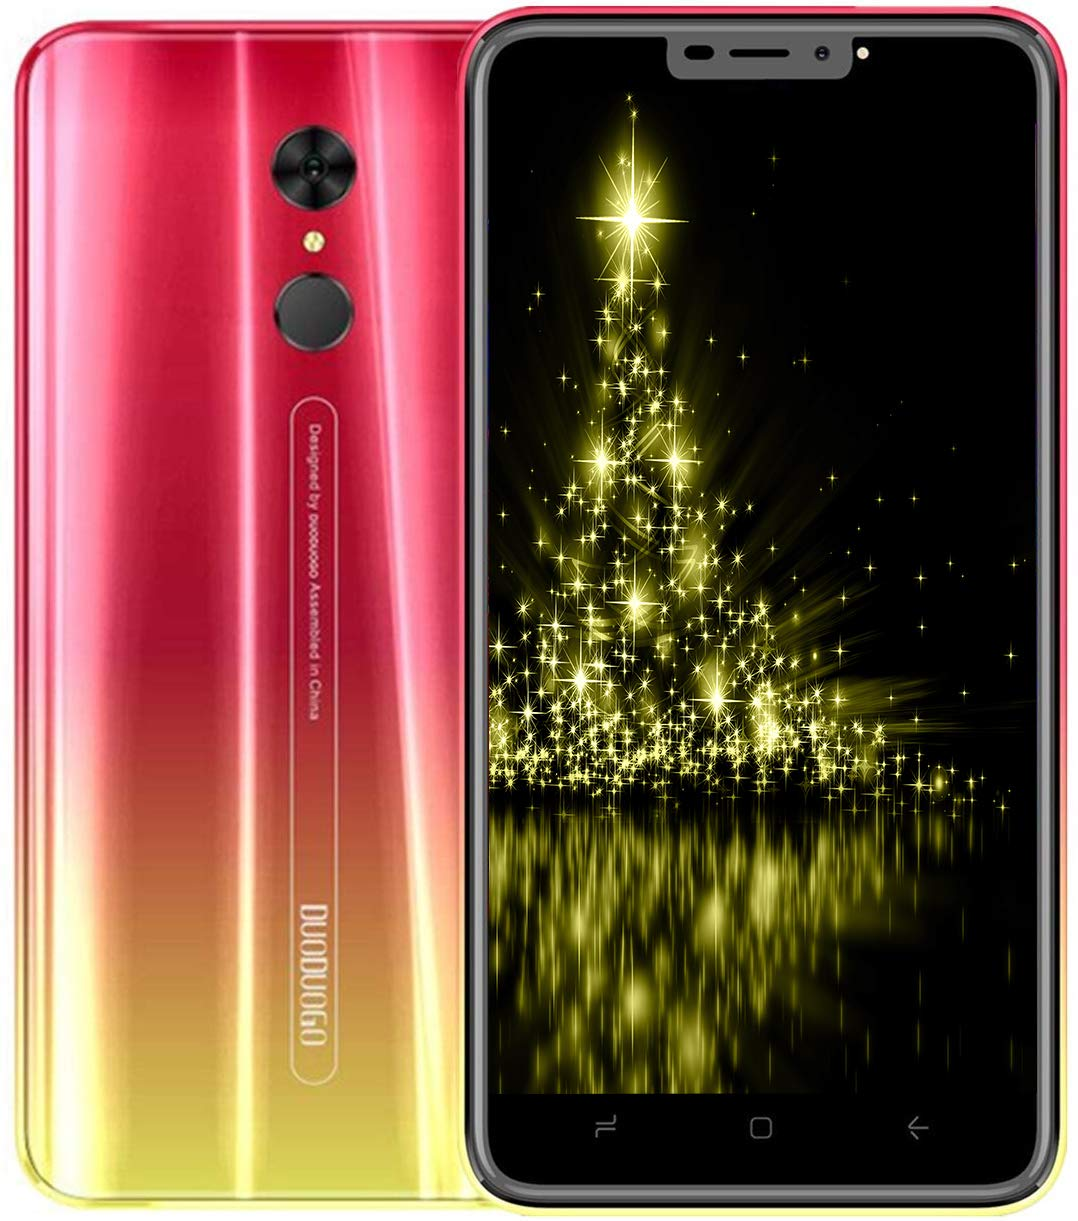 Moviles Baratos y buenos 4G Android 9.0, G55 Smartphone libre 5.5 Pulgadas 3GB RAM+16GB ROM/128GB Expansión, 13MP Cámara 4800mAh, Dual SIM Facial ID y Dactilar Moviles Libres Baratos 4g (Rojo): Amazon.es: Electrónica